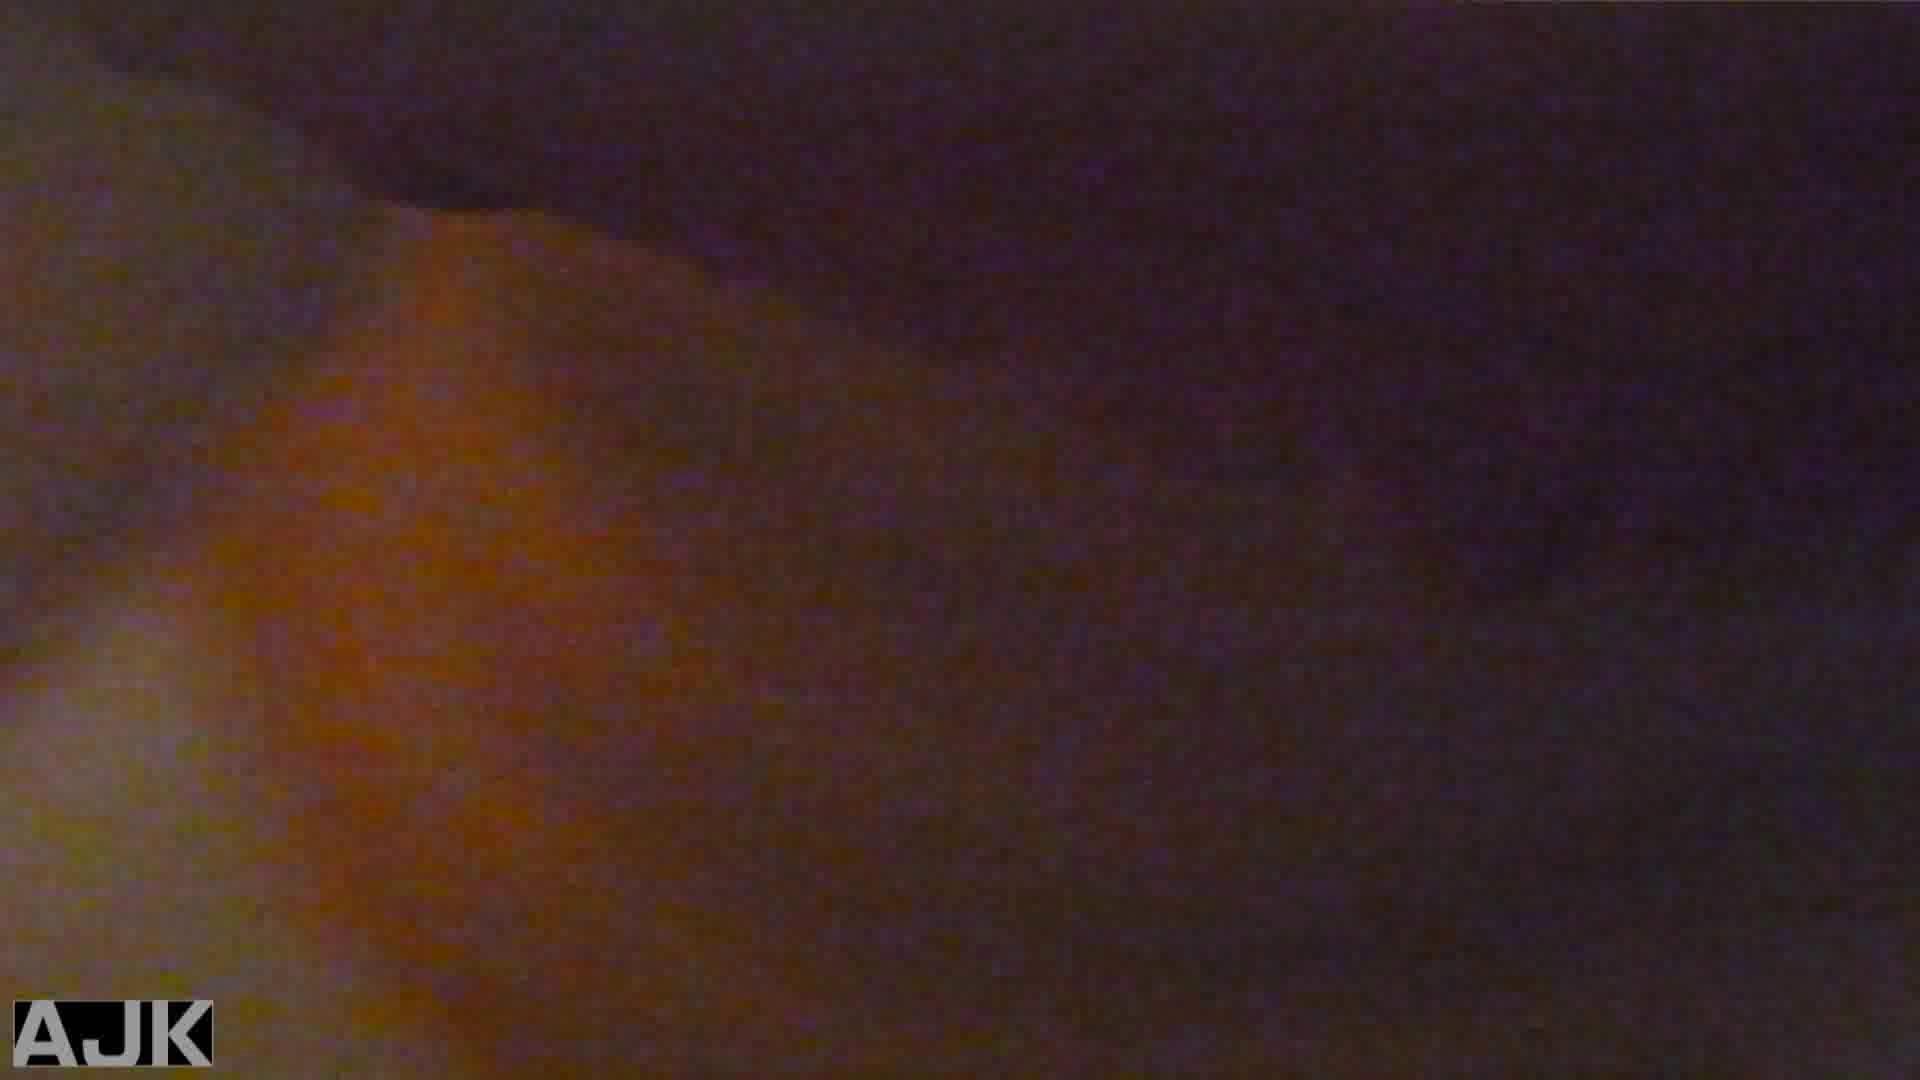 隣国上階級エリアの令嬢たちが集うデパートお手洗い Vol.28 オマンコ見放題 AV無料動画キャプチャ 103枚 50